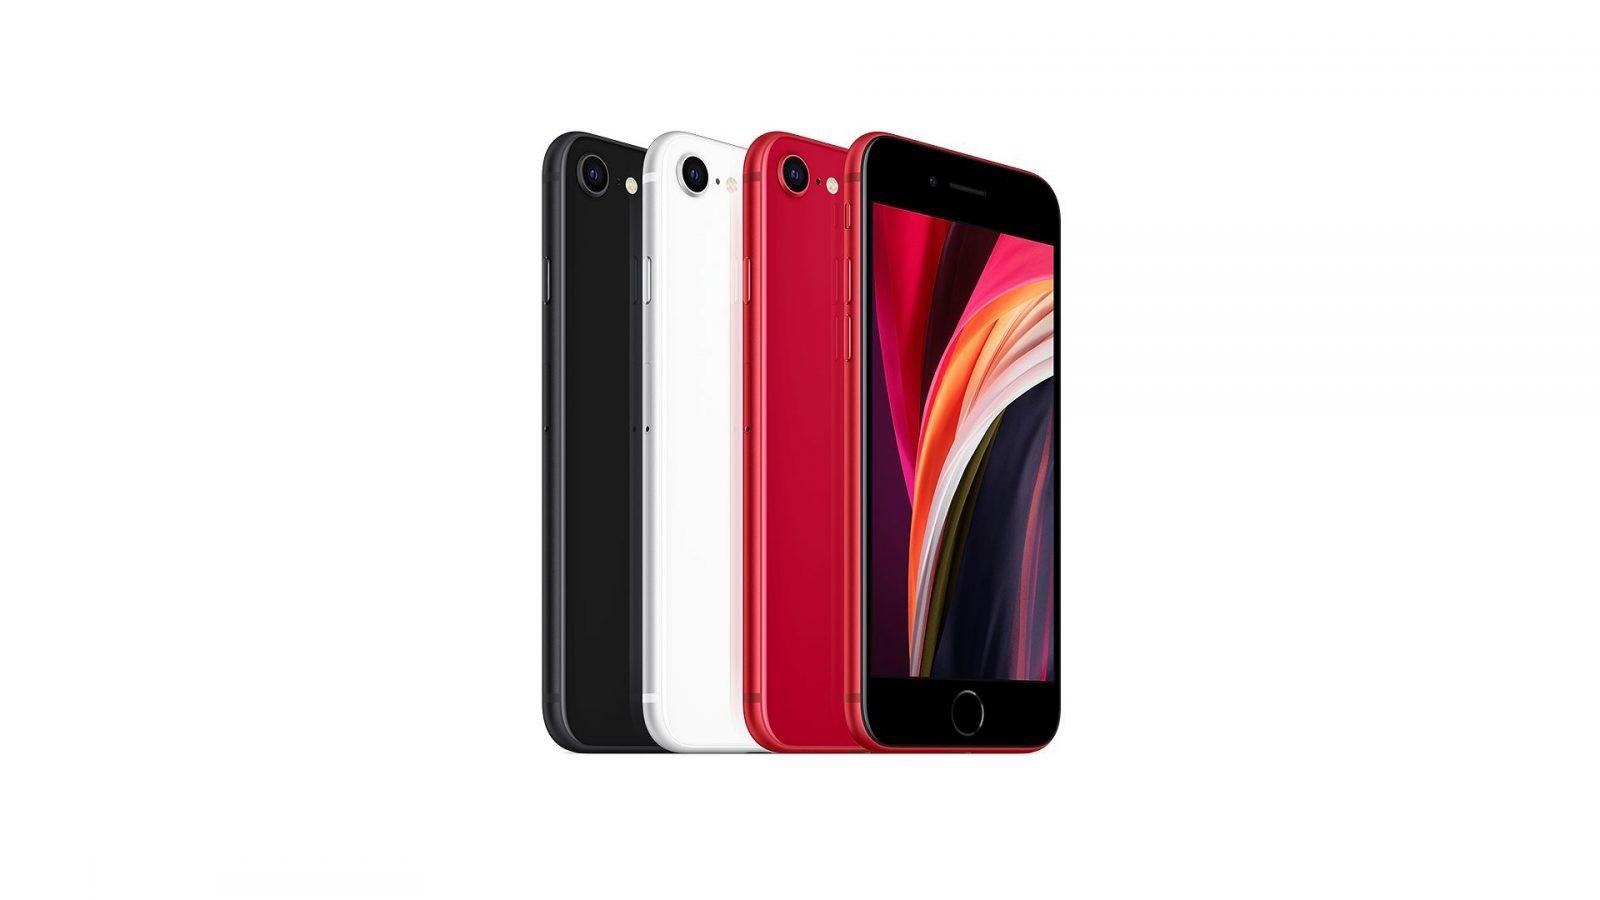 iPhone SE (2020) Scores 101 in DxOMark - UNBOX PH